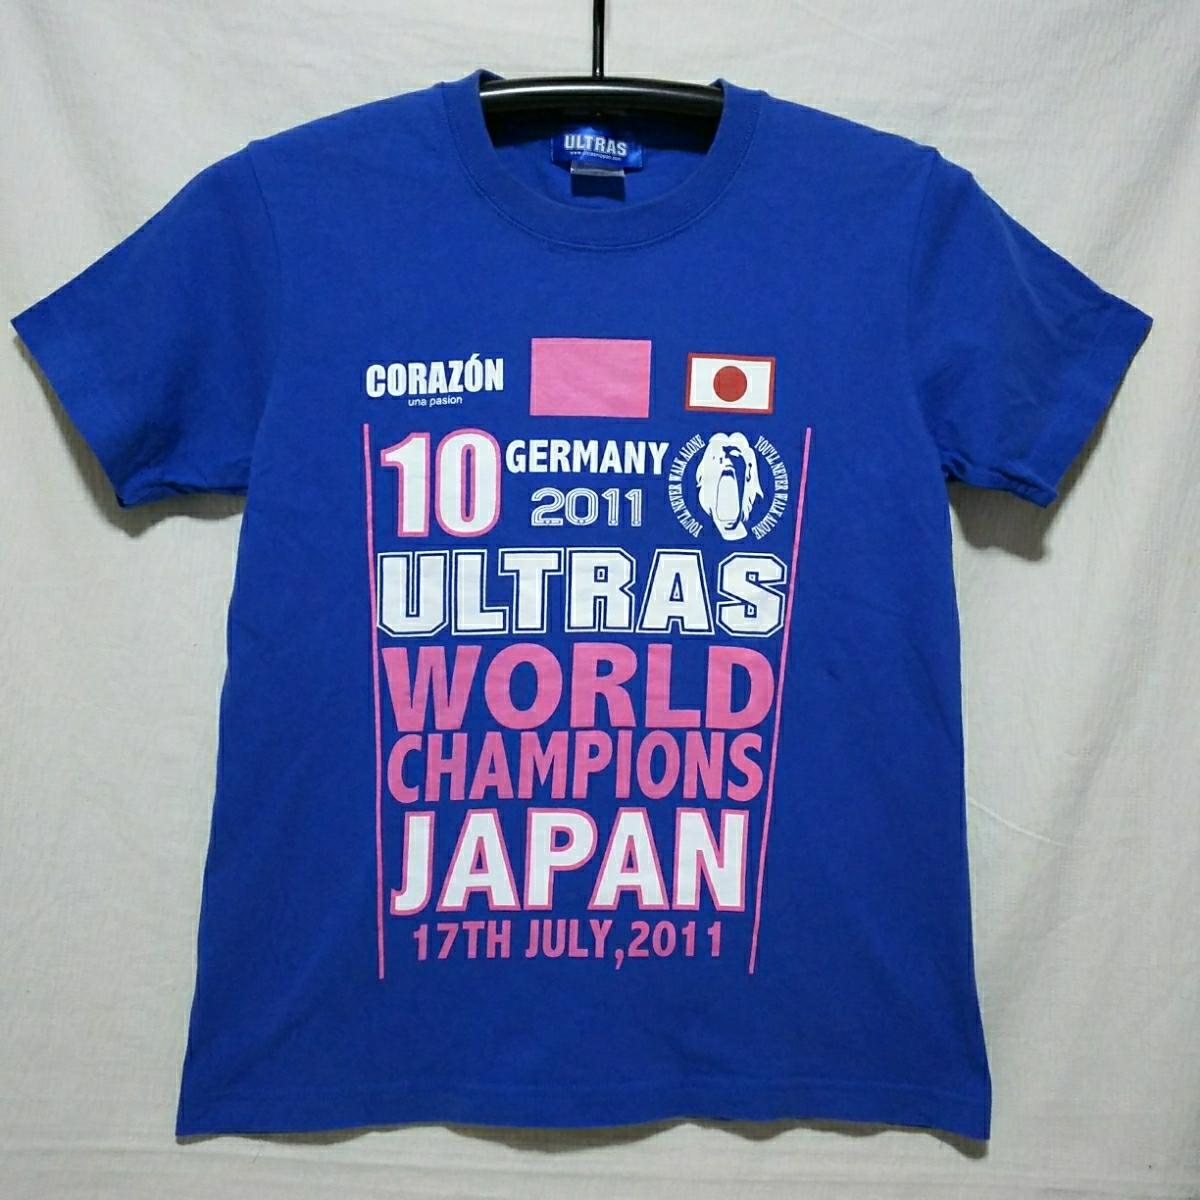 【サイズ S】ULTRAS ウルトラス 2011 なでしこジャパン ワールドカップ 応援Tシャツ グッズの画像